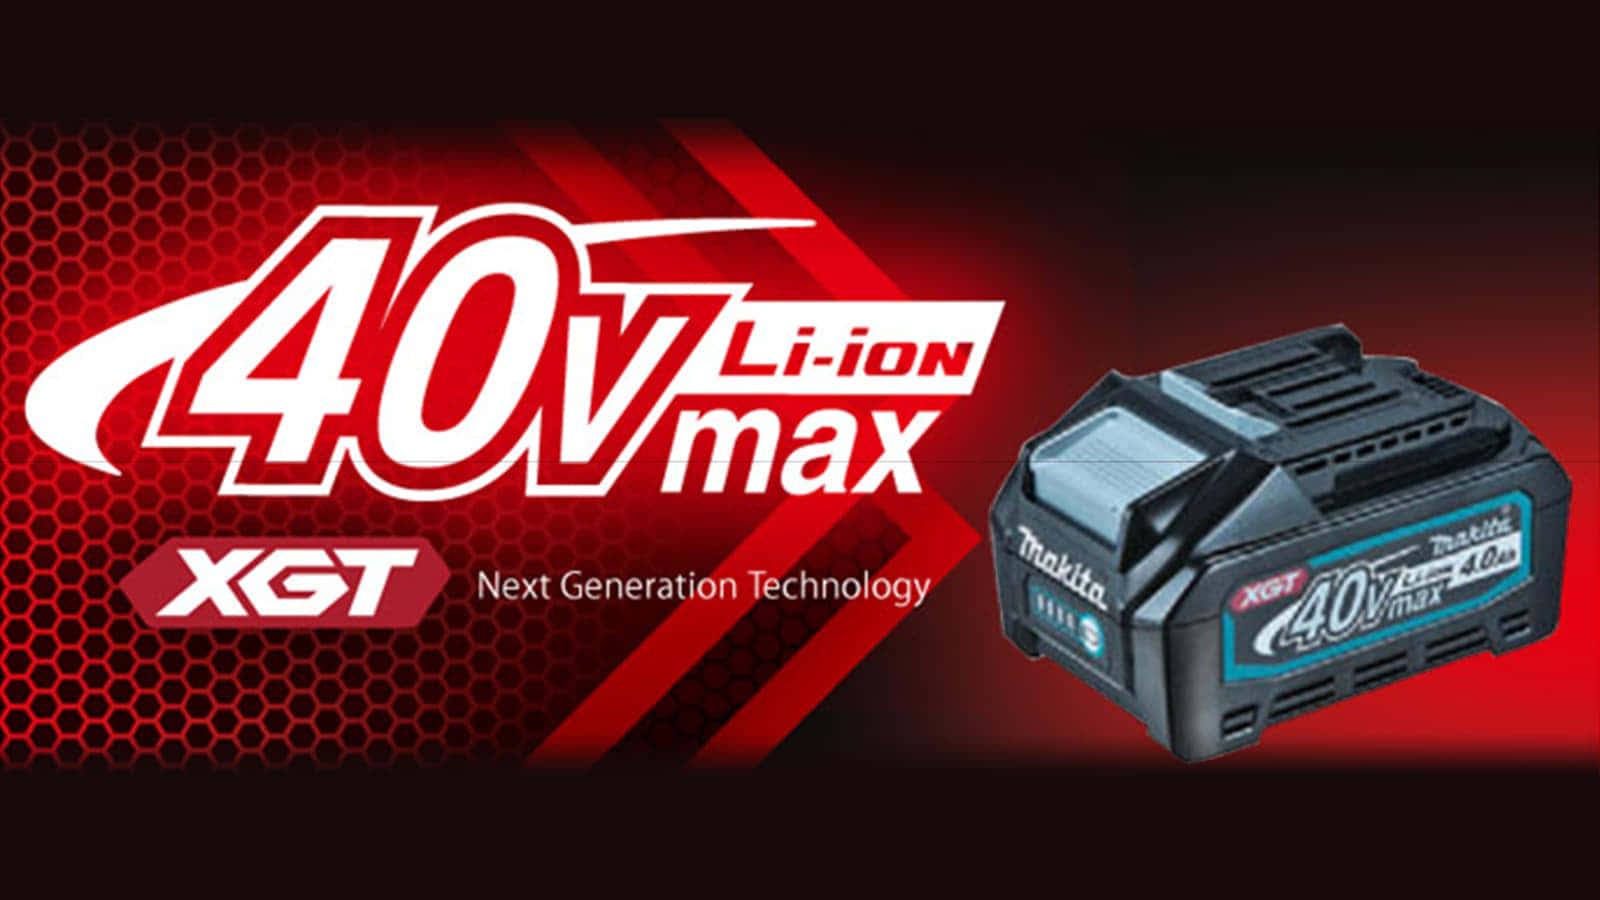 マキタ40V MAX バッテリーの種類を徹底解説